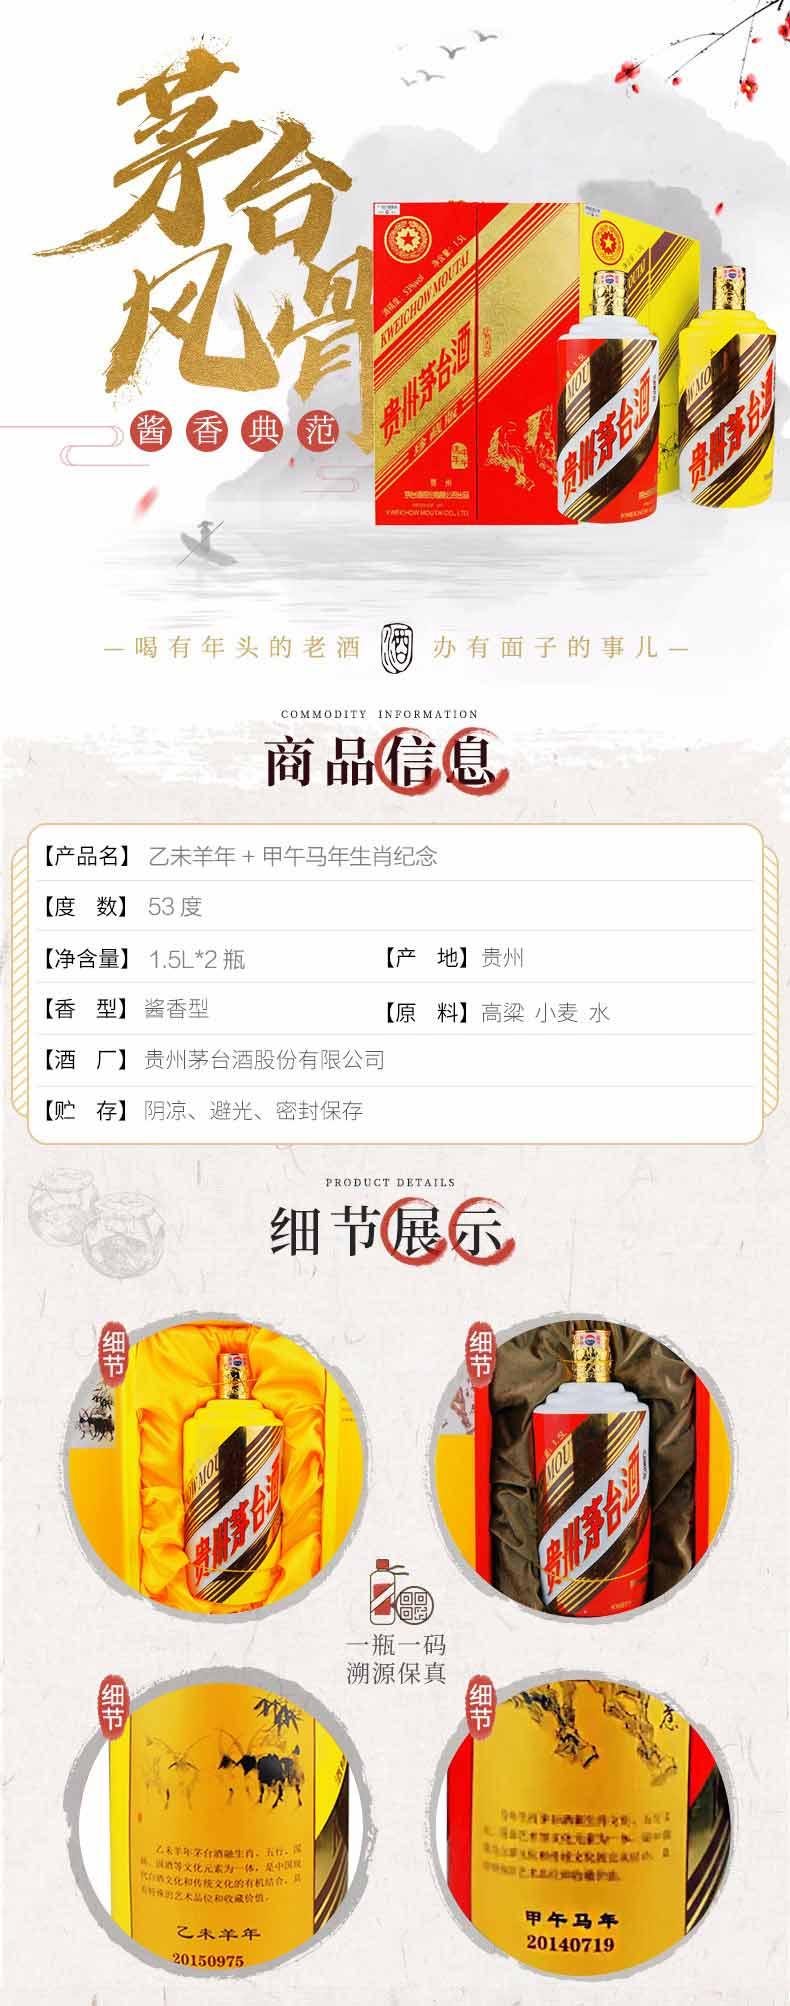 53°贵州茅台酒乙未羊年甲午马年生肖纪念酒(2014年-2015年)1.5L*2瓶